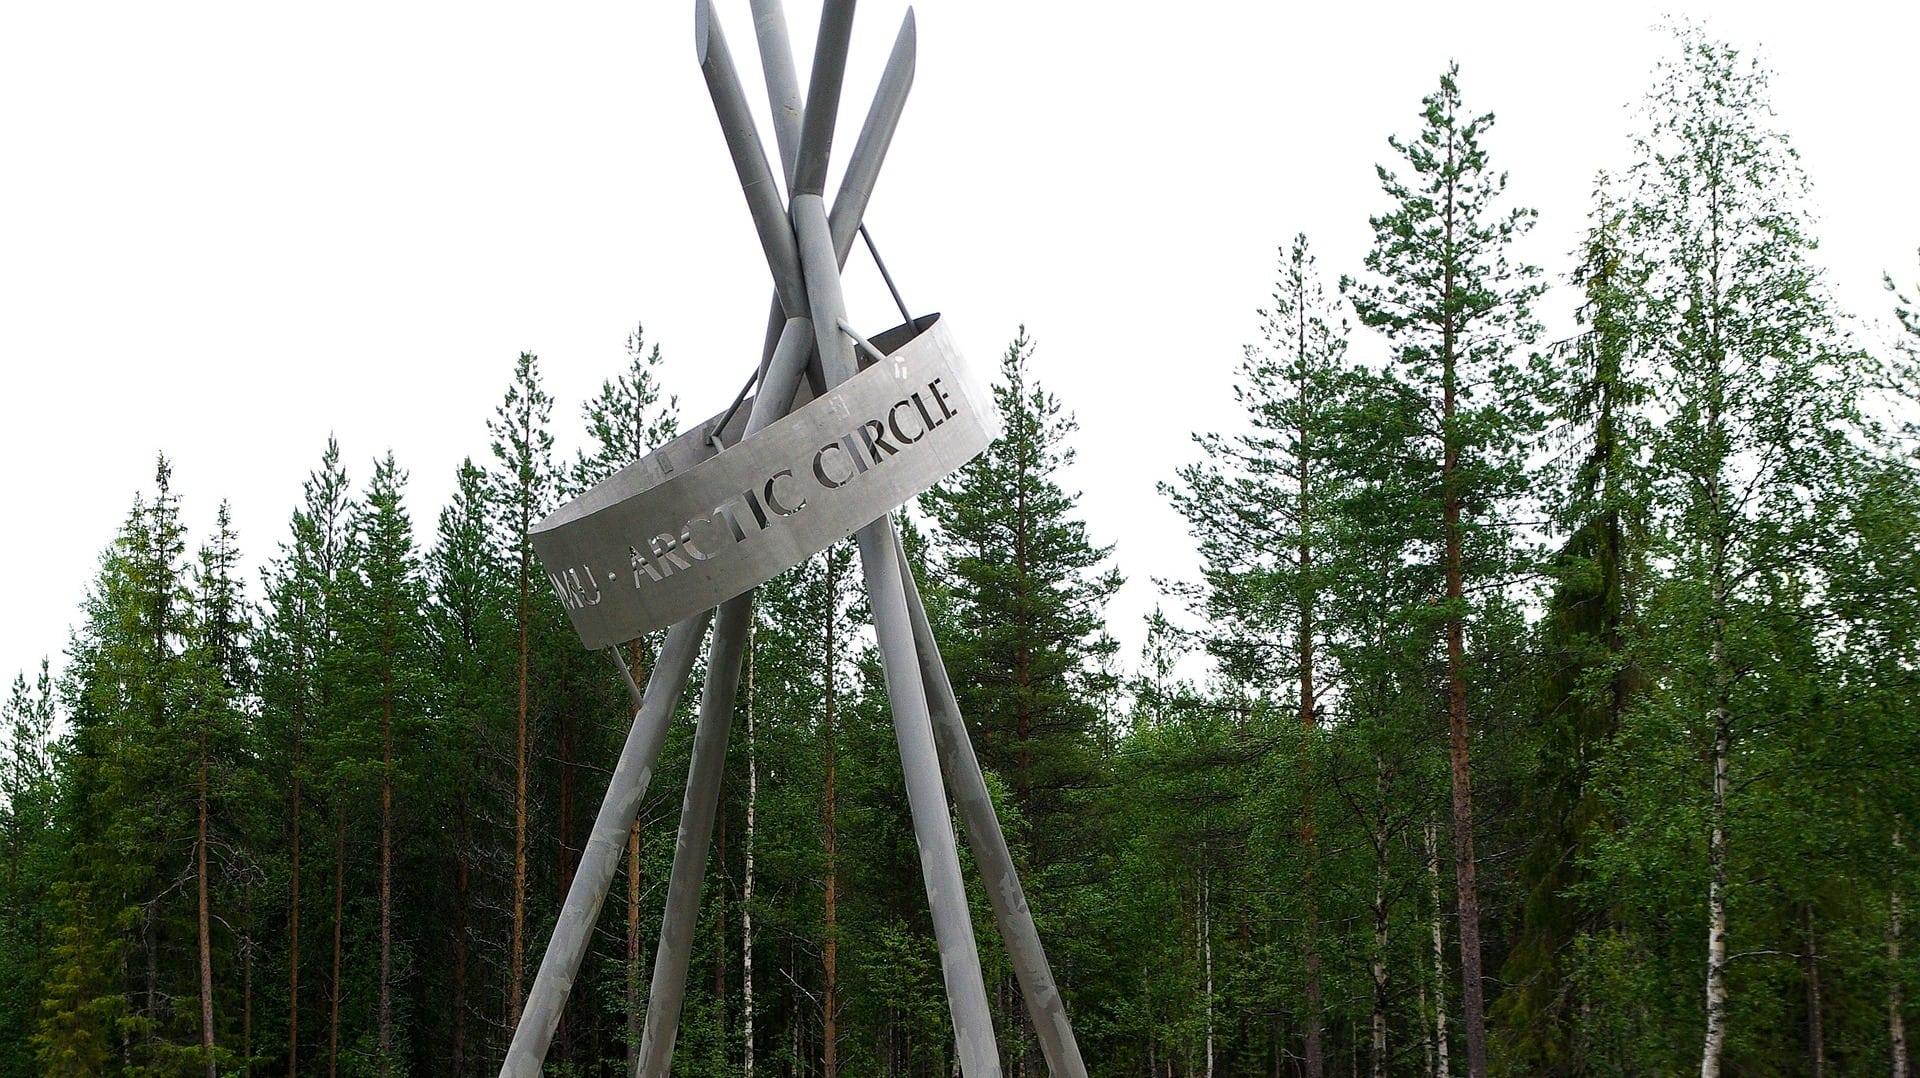 Der Polarkreis in Finnland markiert die magische Grenze zum Norden